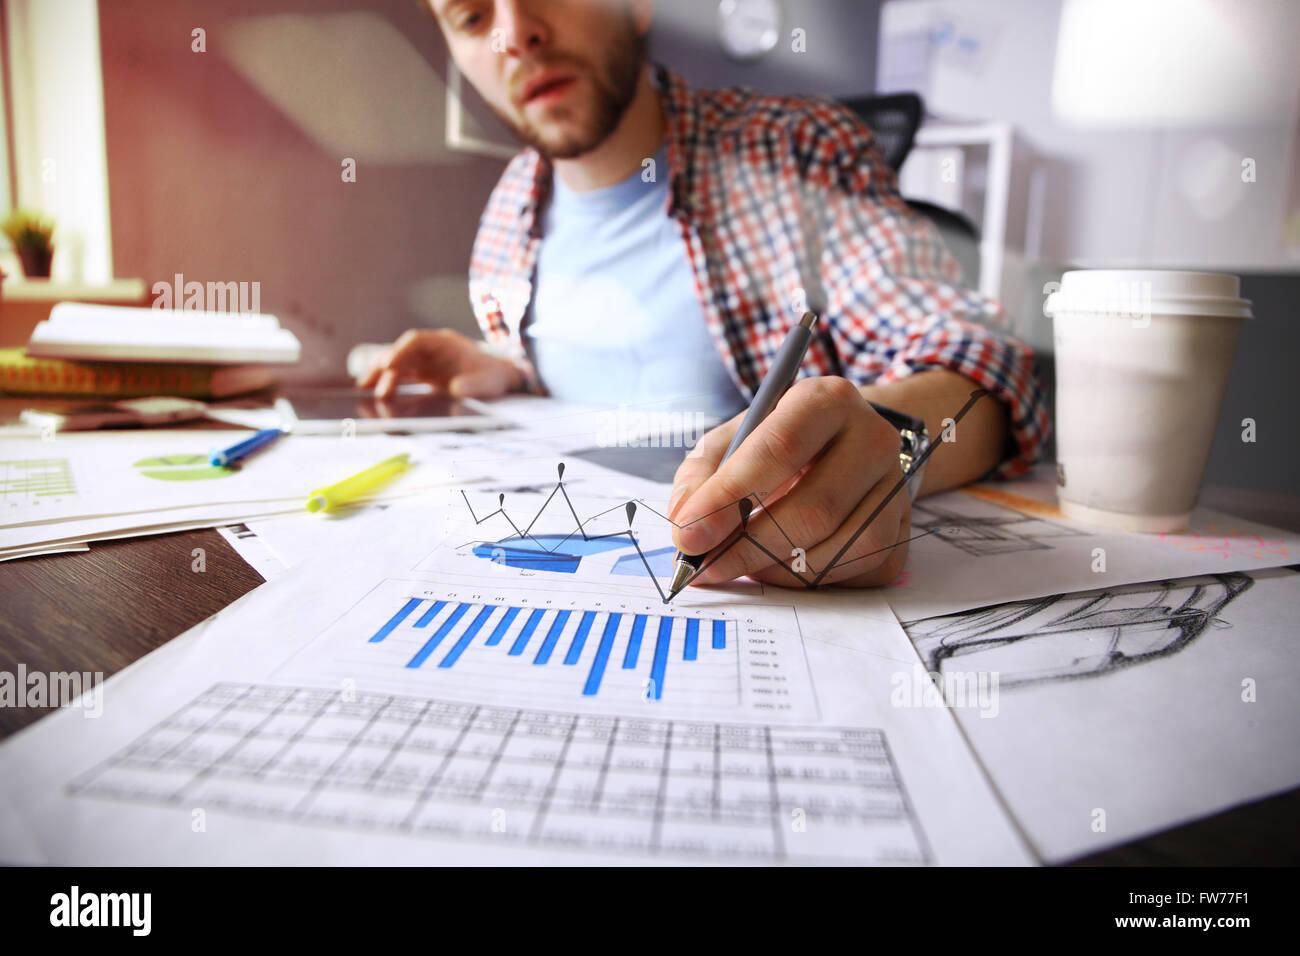 Documenti aziendali su office tabella con smart phone e tavoletta digitale e grafico con business social network Immagini Stock